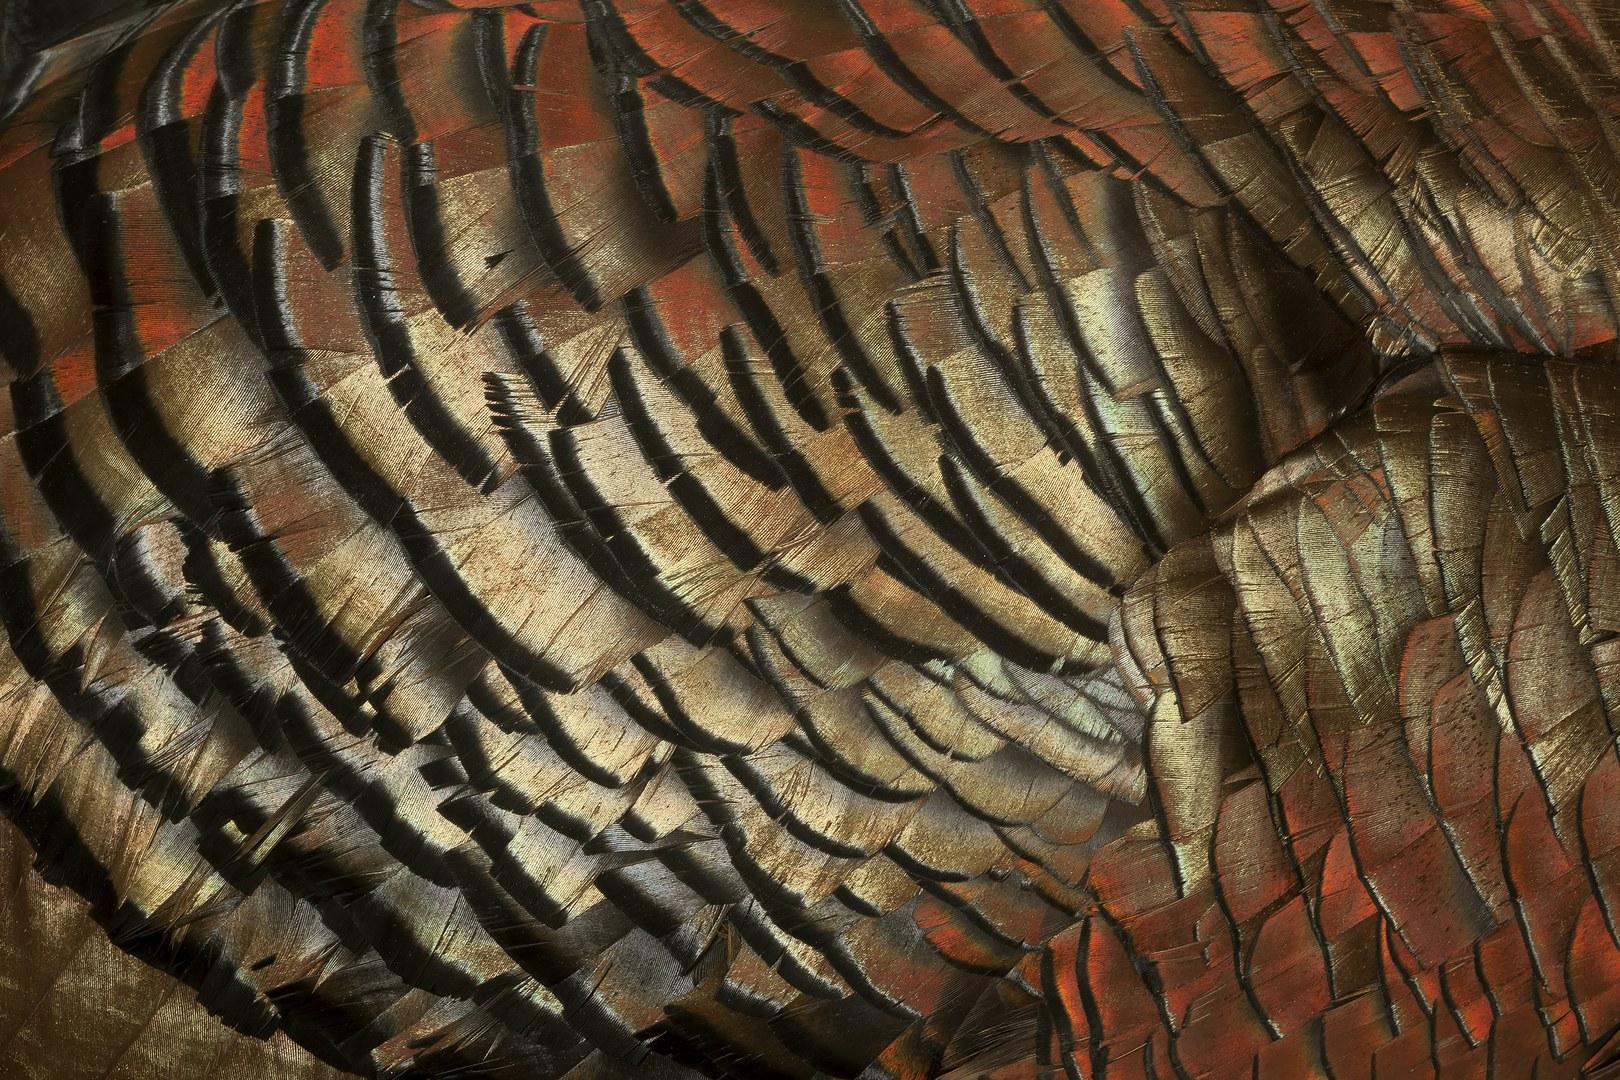 Großaufnahme des Brustgefieders eines männlichen Truthuhns (Meleagris gallopavo):